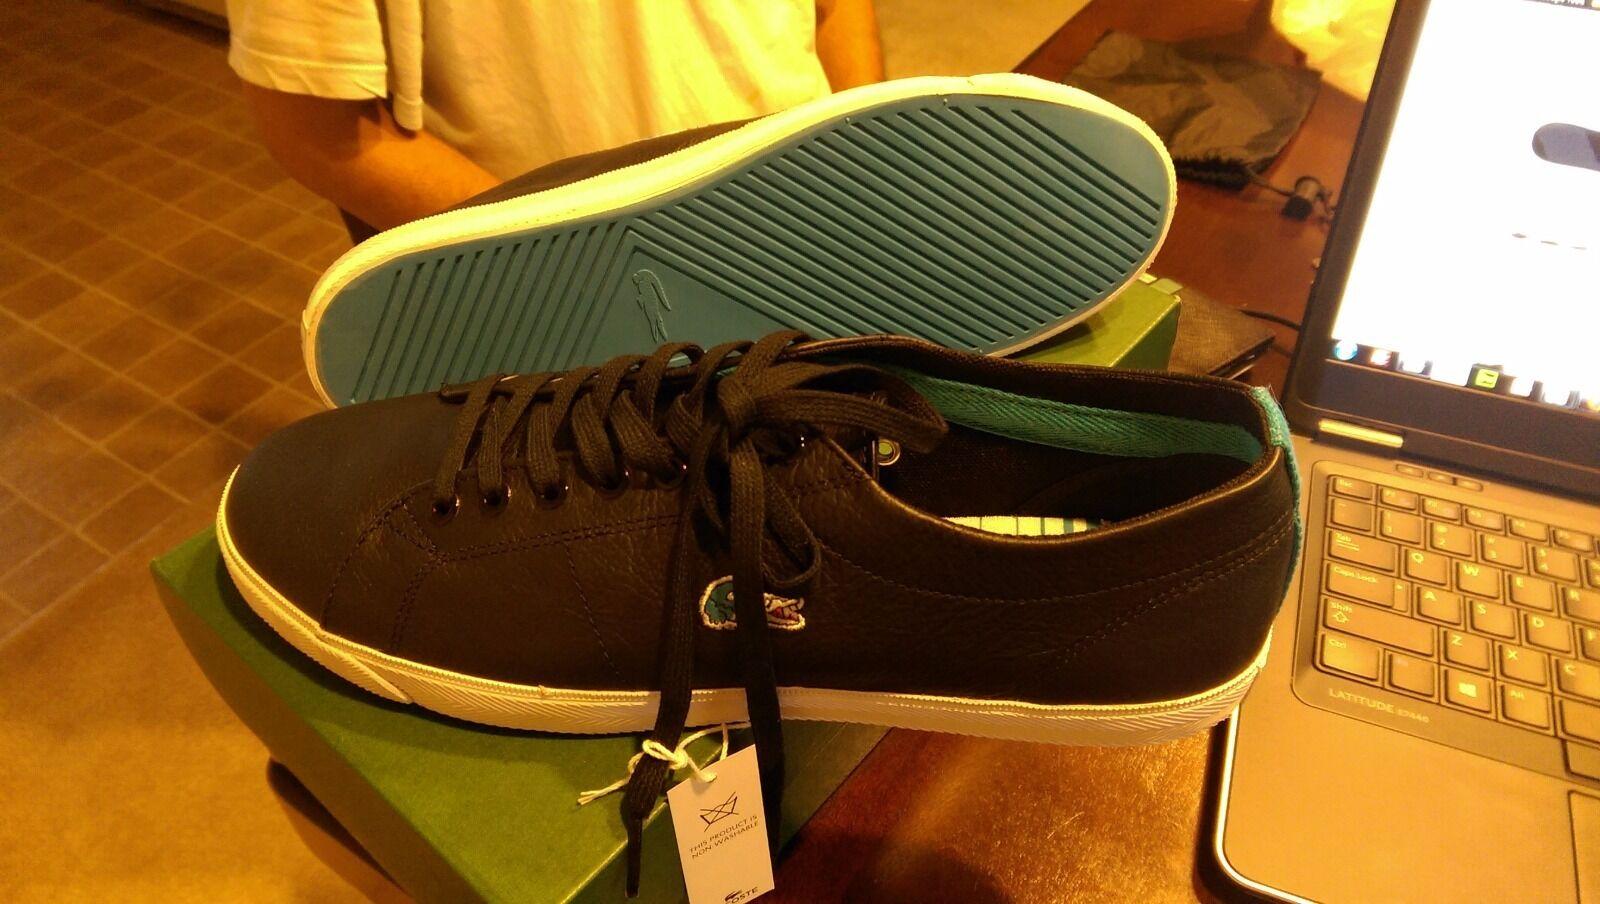 Scarpe casual da uomo Lacoste Shoes - Size 10 US - Brand New in Box